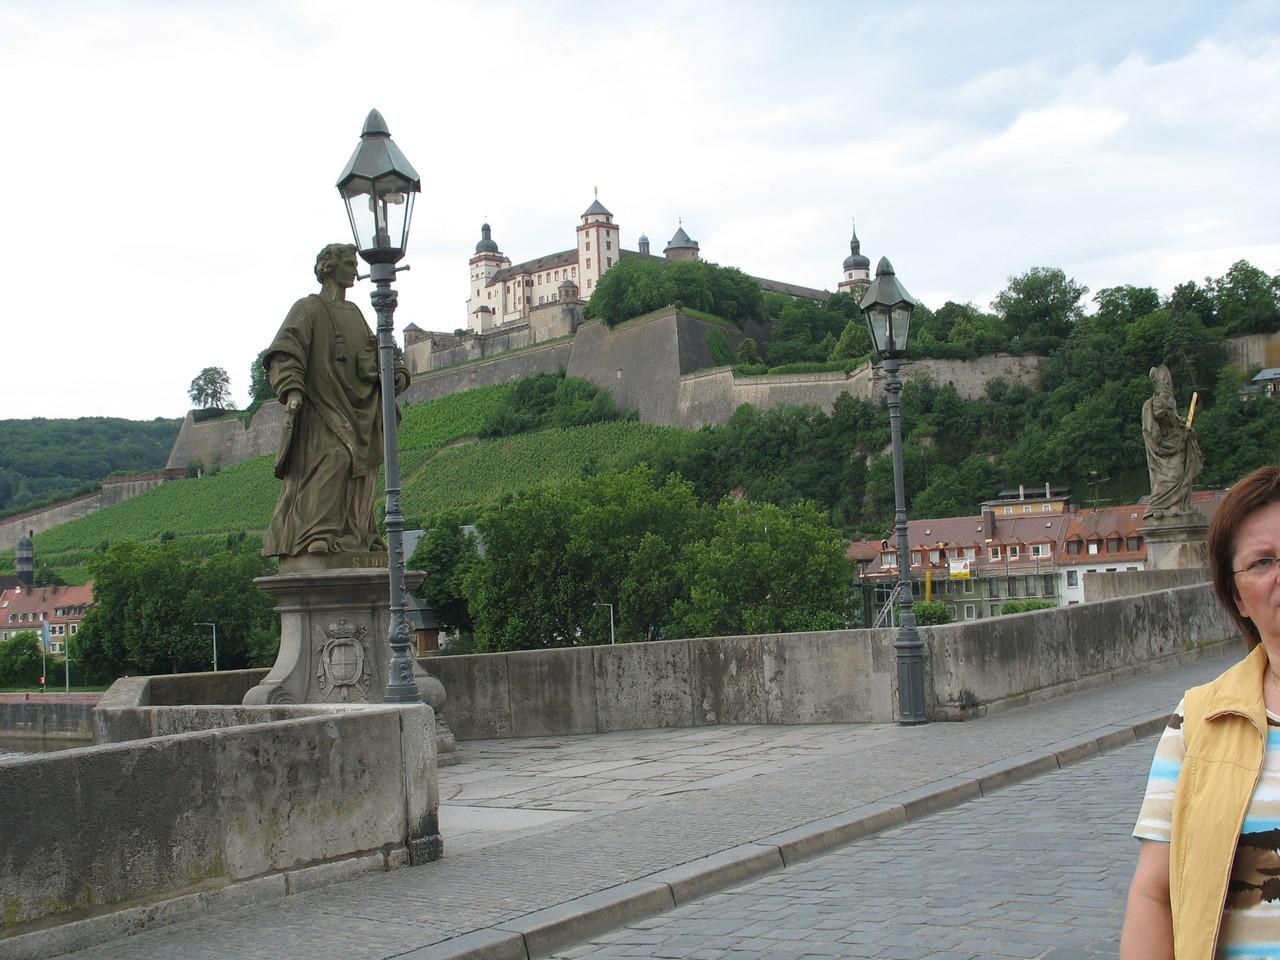 ヴュルツブルクの「マリエンベルク要塞」